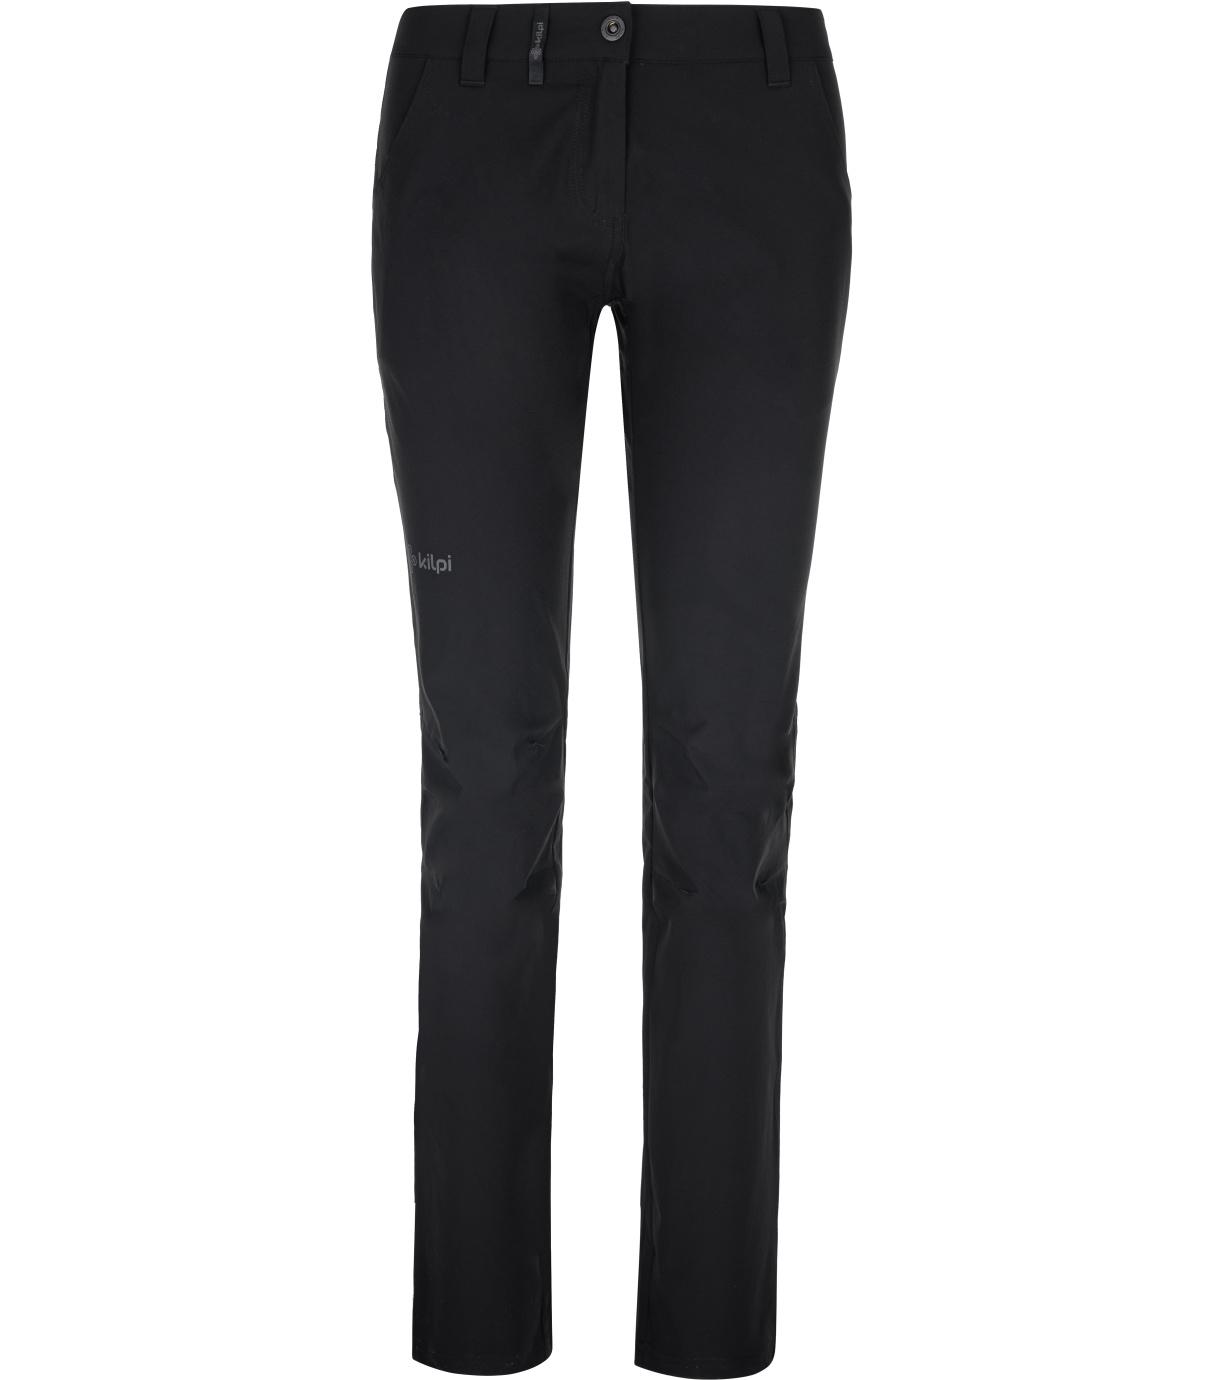 KILPI Dámské outdoorové kalhoty UMBERTA-W PL0026KIBLK Černá 34